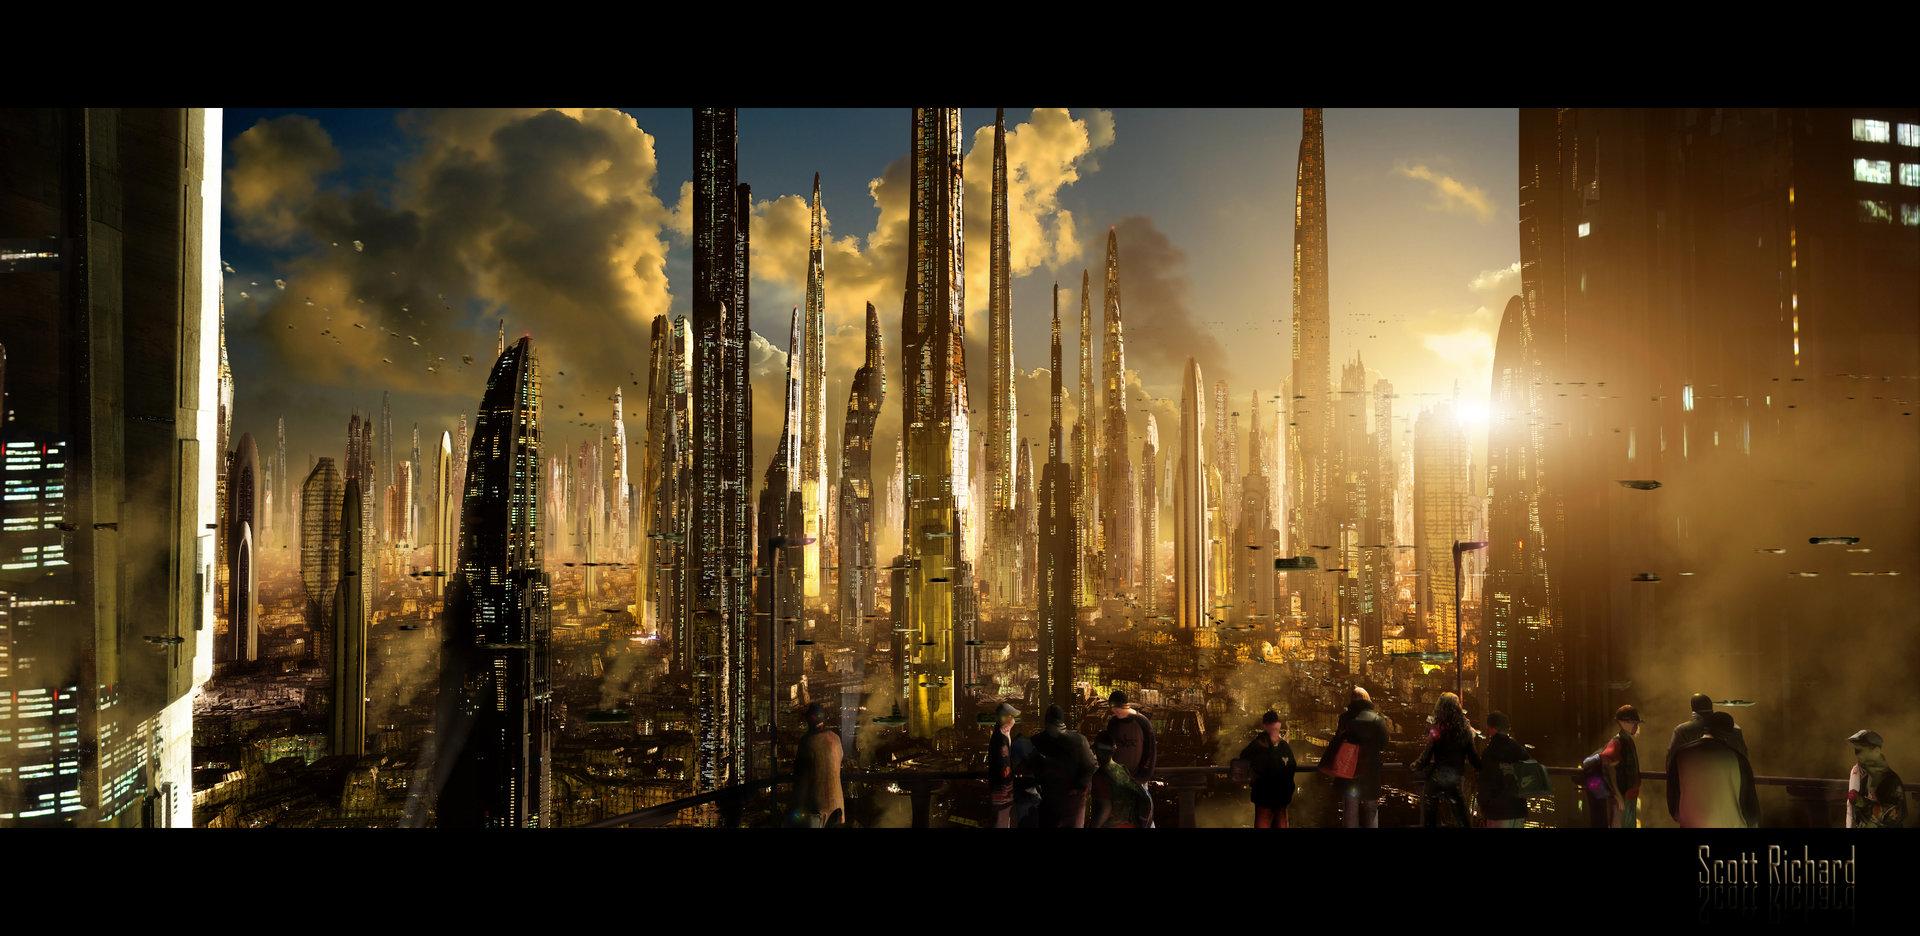 Scott richard matte future city 121611 by rich35211 d4jfmh6